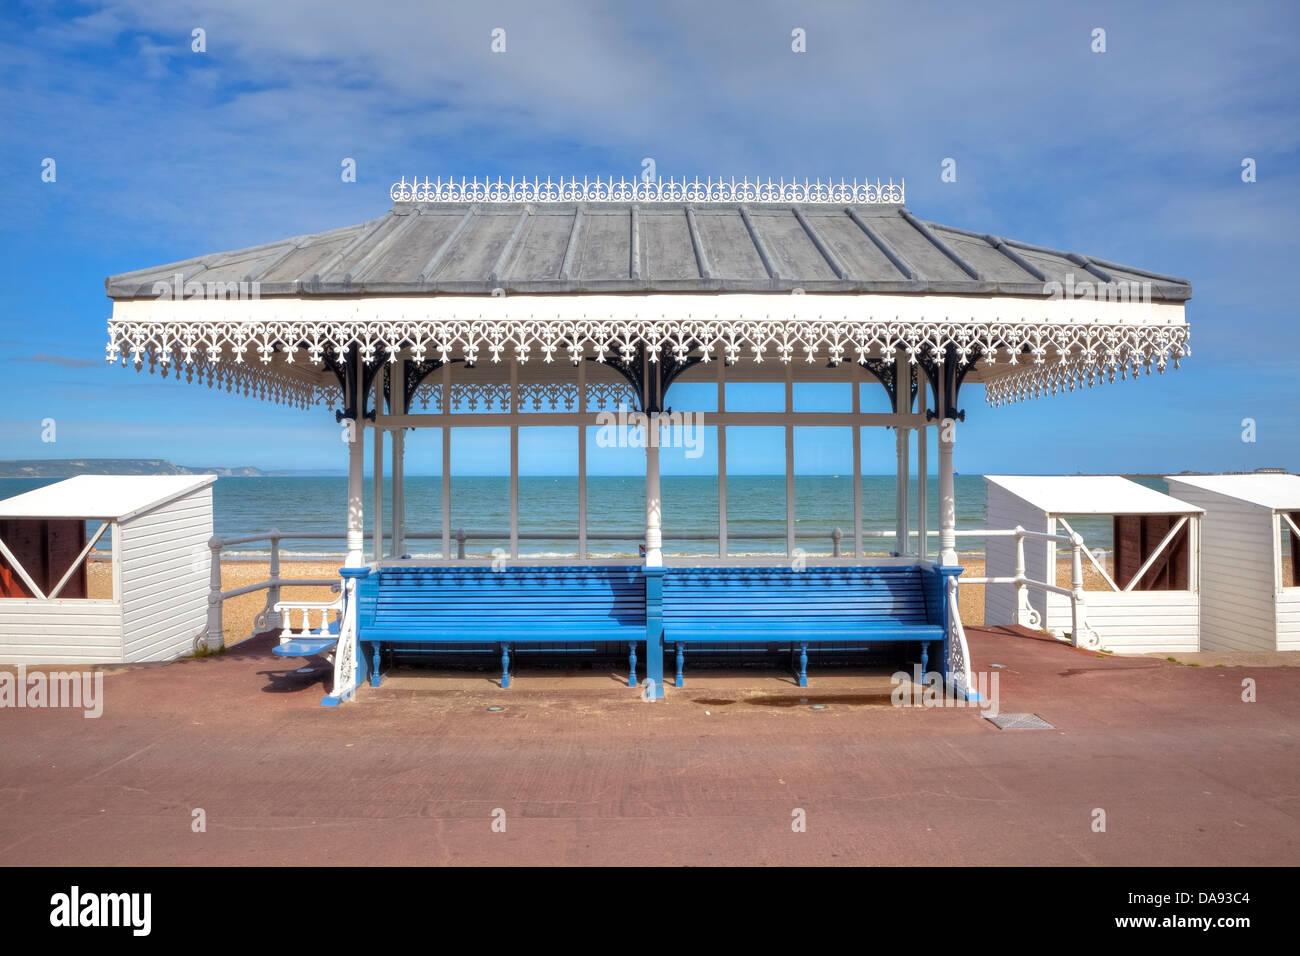 victorian shelter, Weymouth, United Kingdom - Stock Image